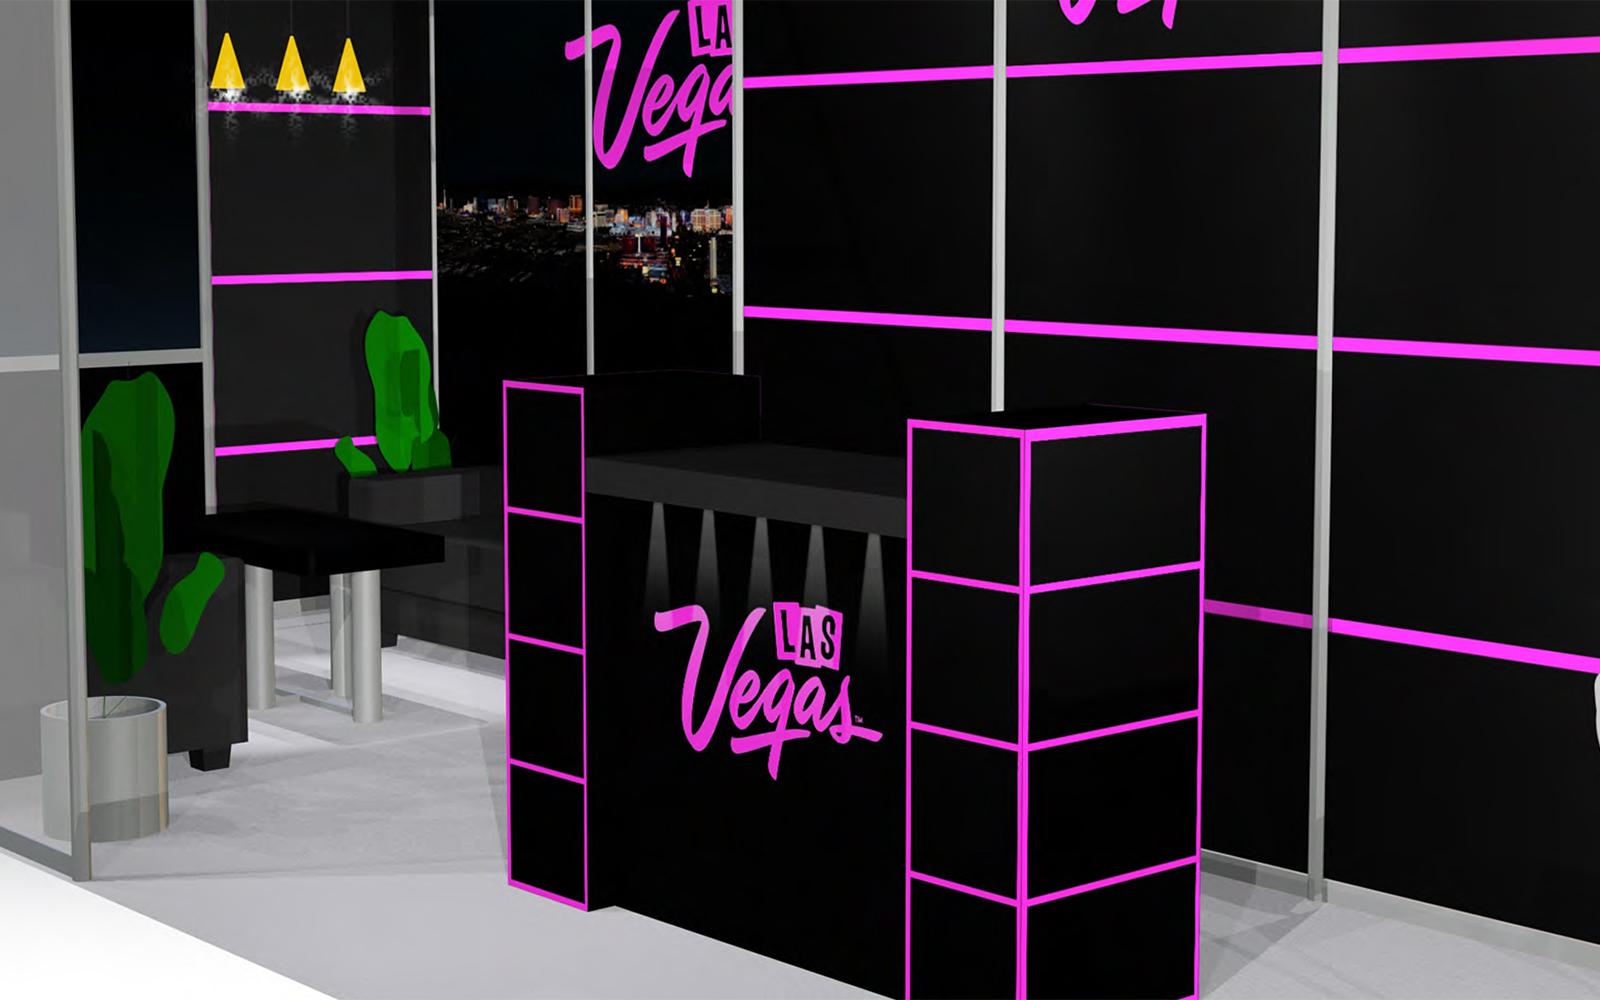 Las Vegas Inline Exhibit 4